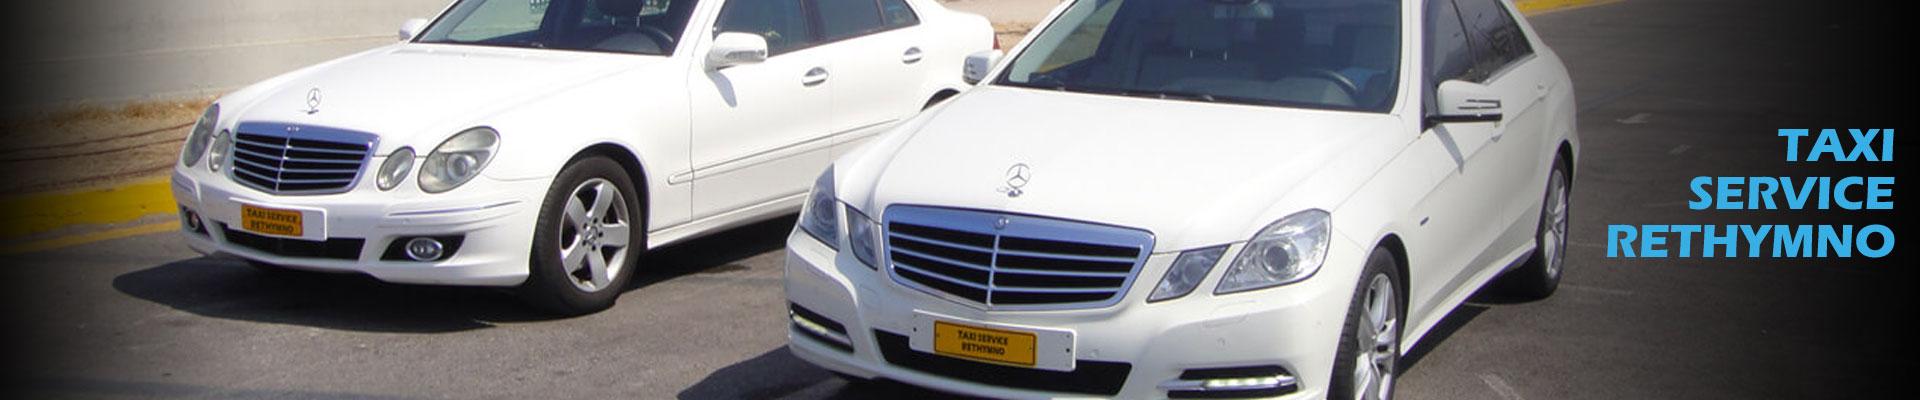 Profile - Taxi Service Rethymno